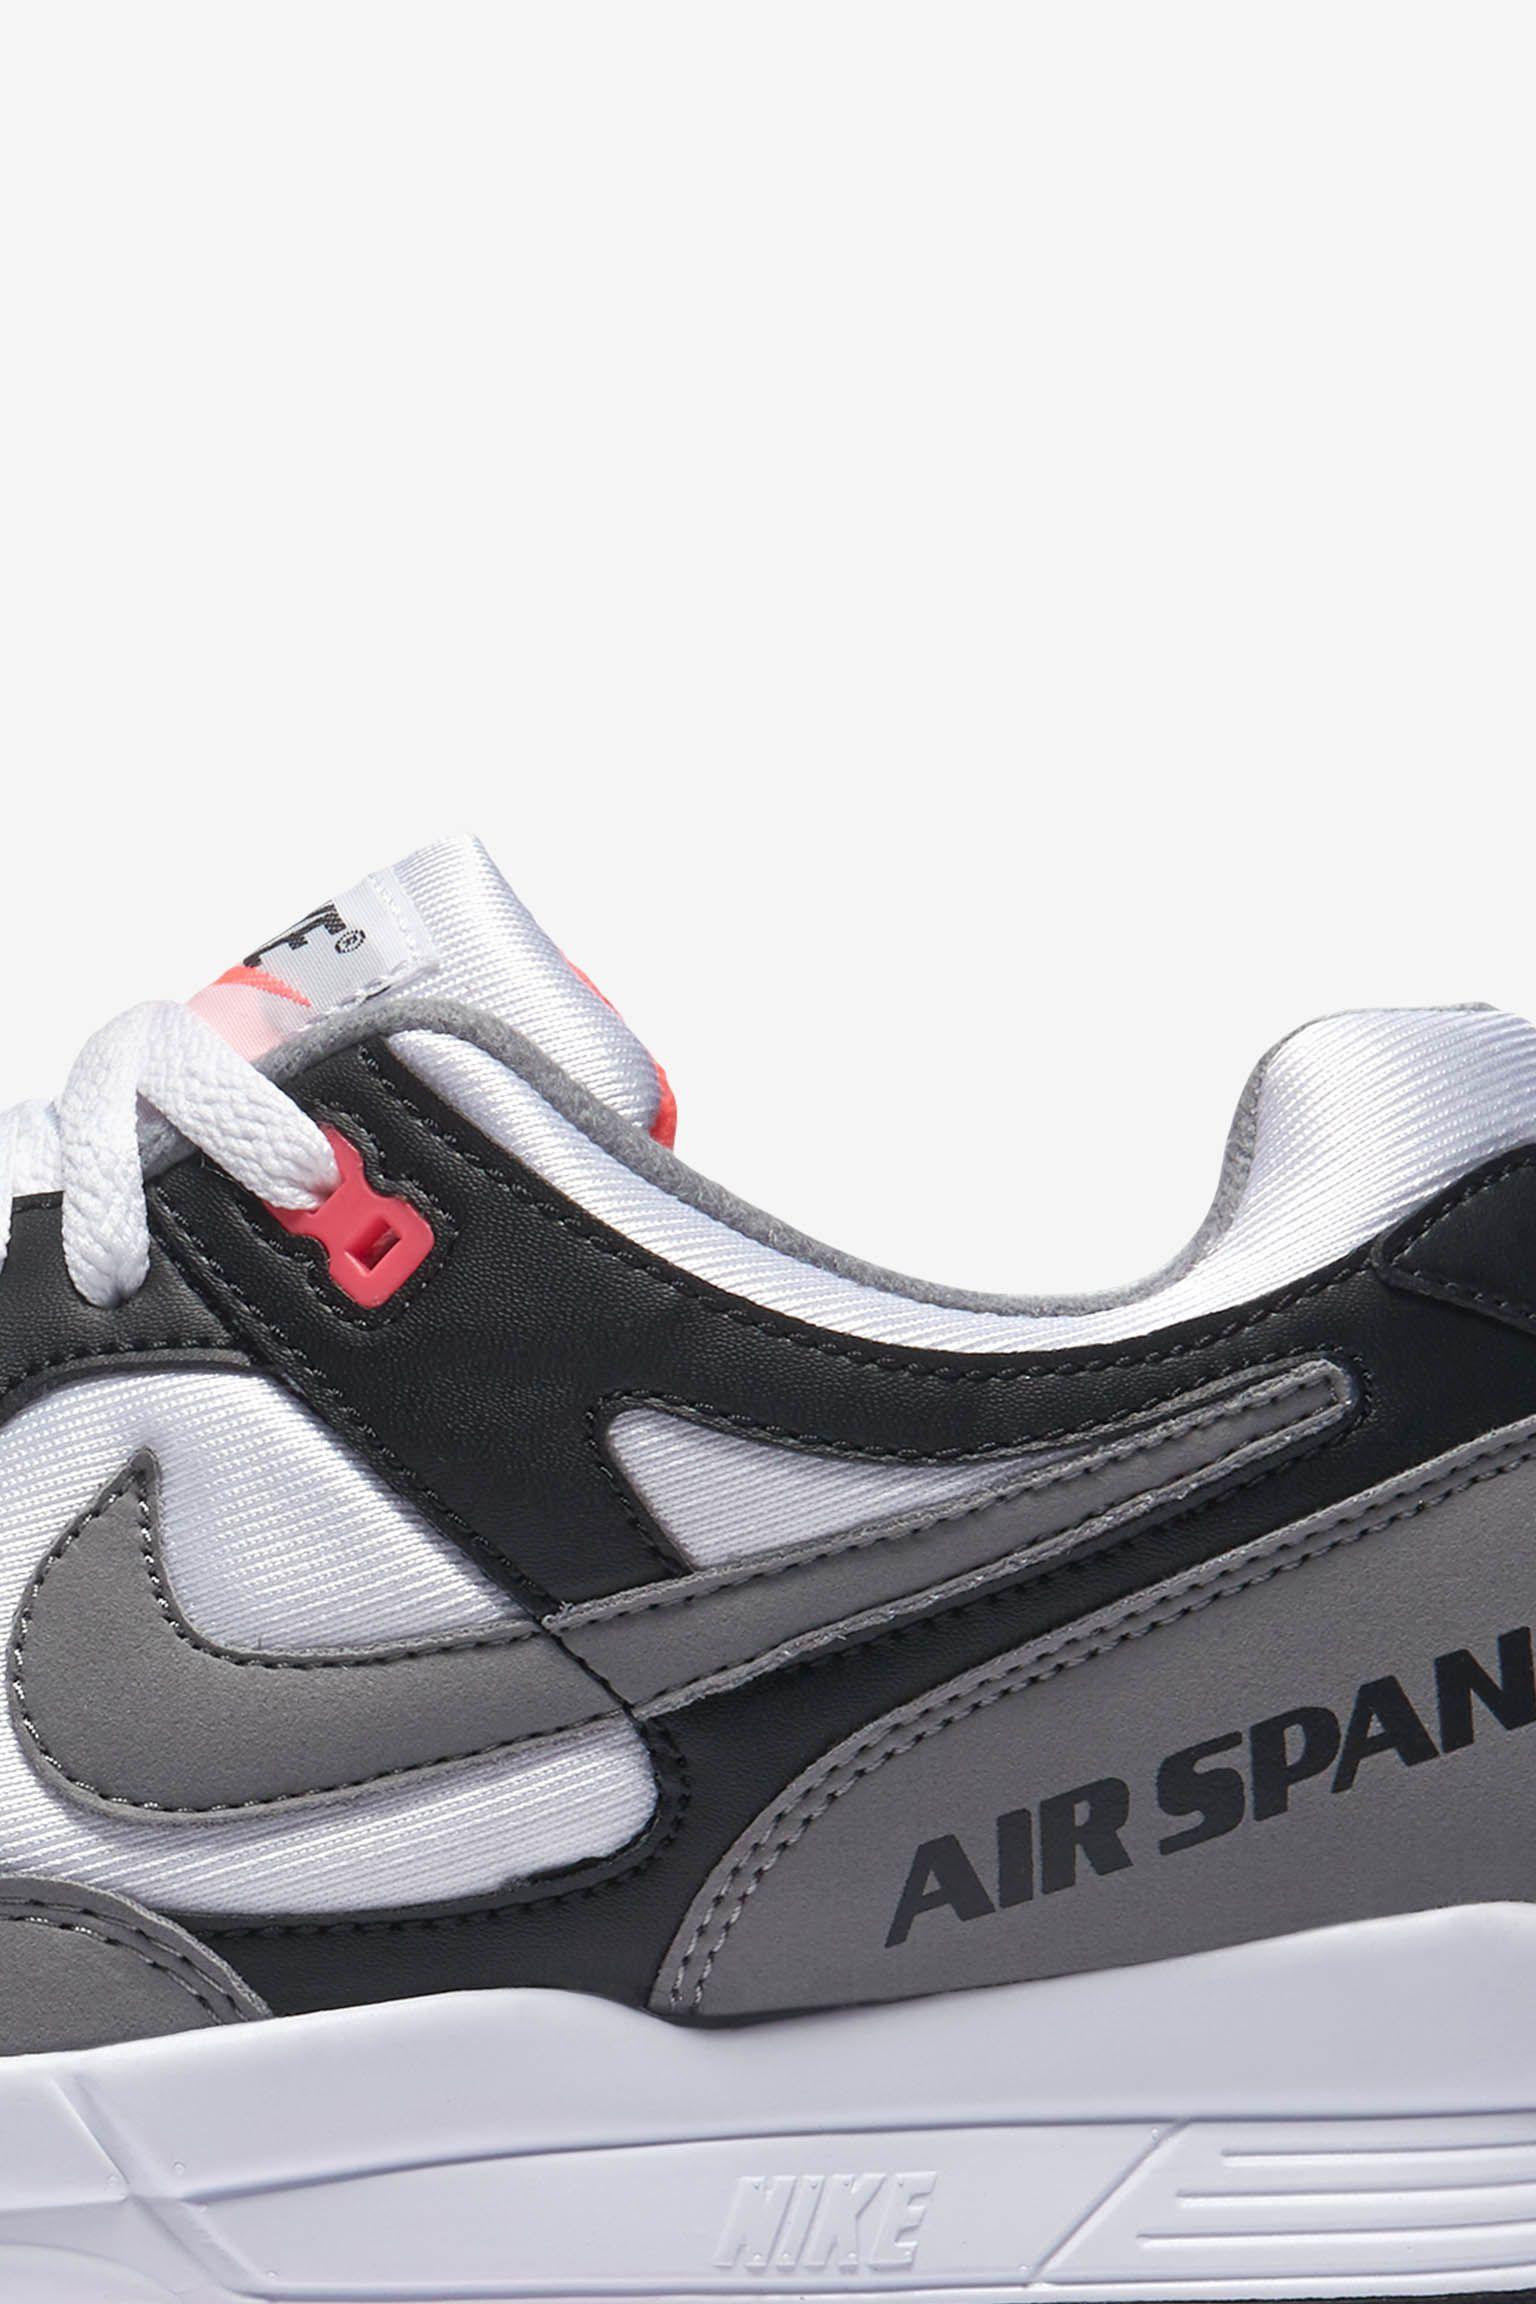 Nike Air Span 2 'Black & Dust' Release Date